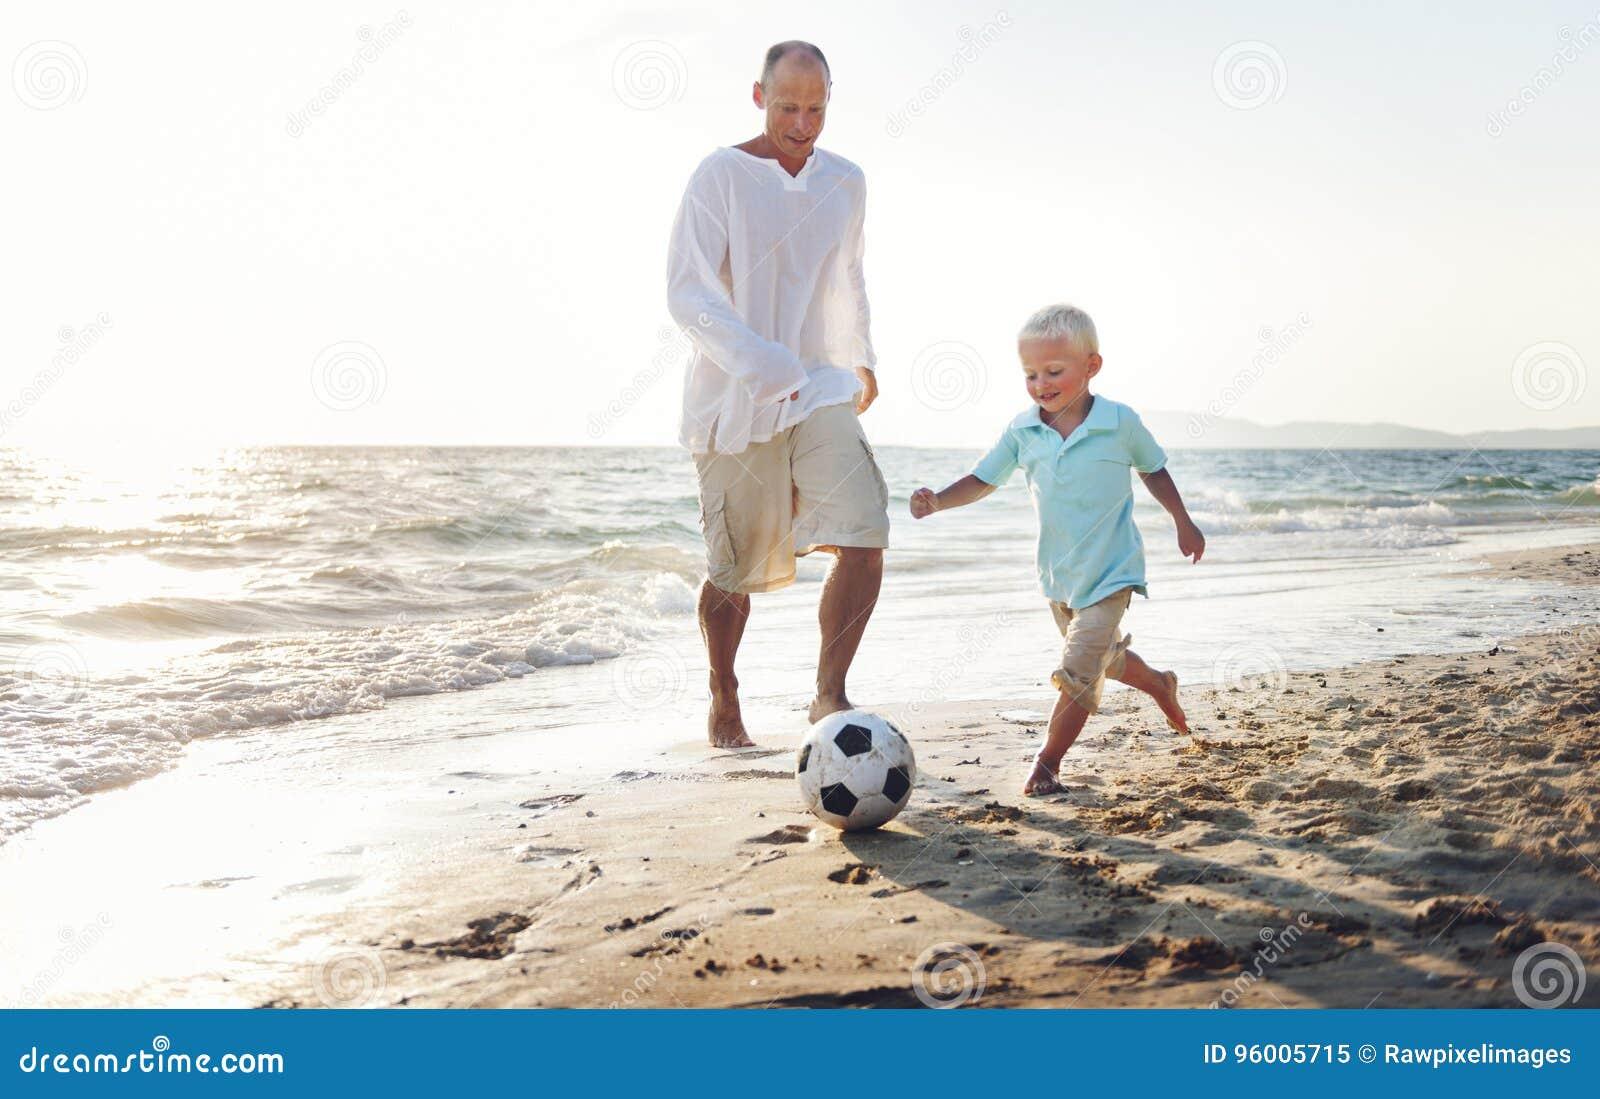 家庭演奏橄榄球统一性概念的父亲儿子